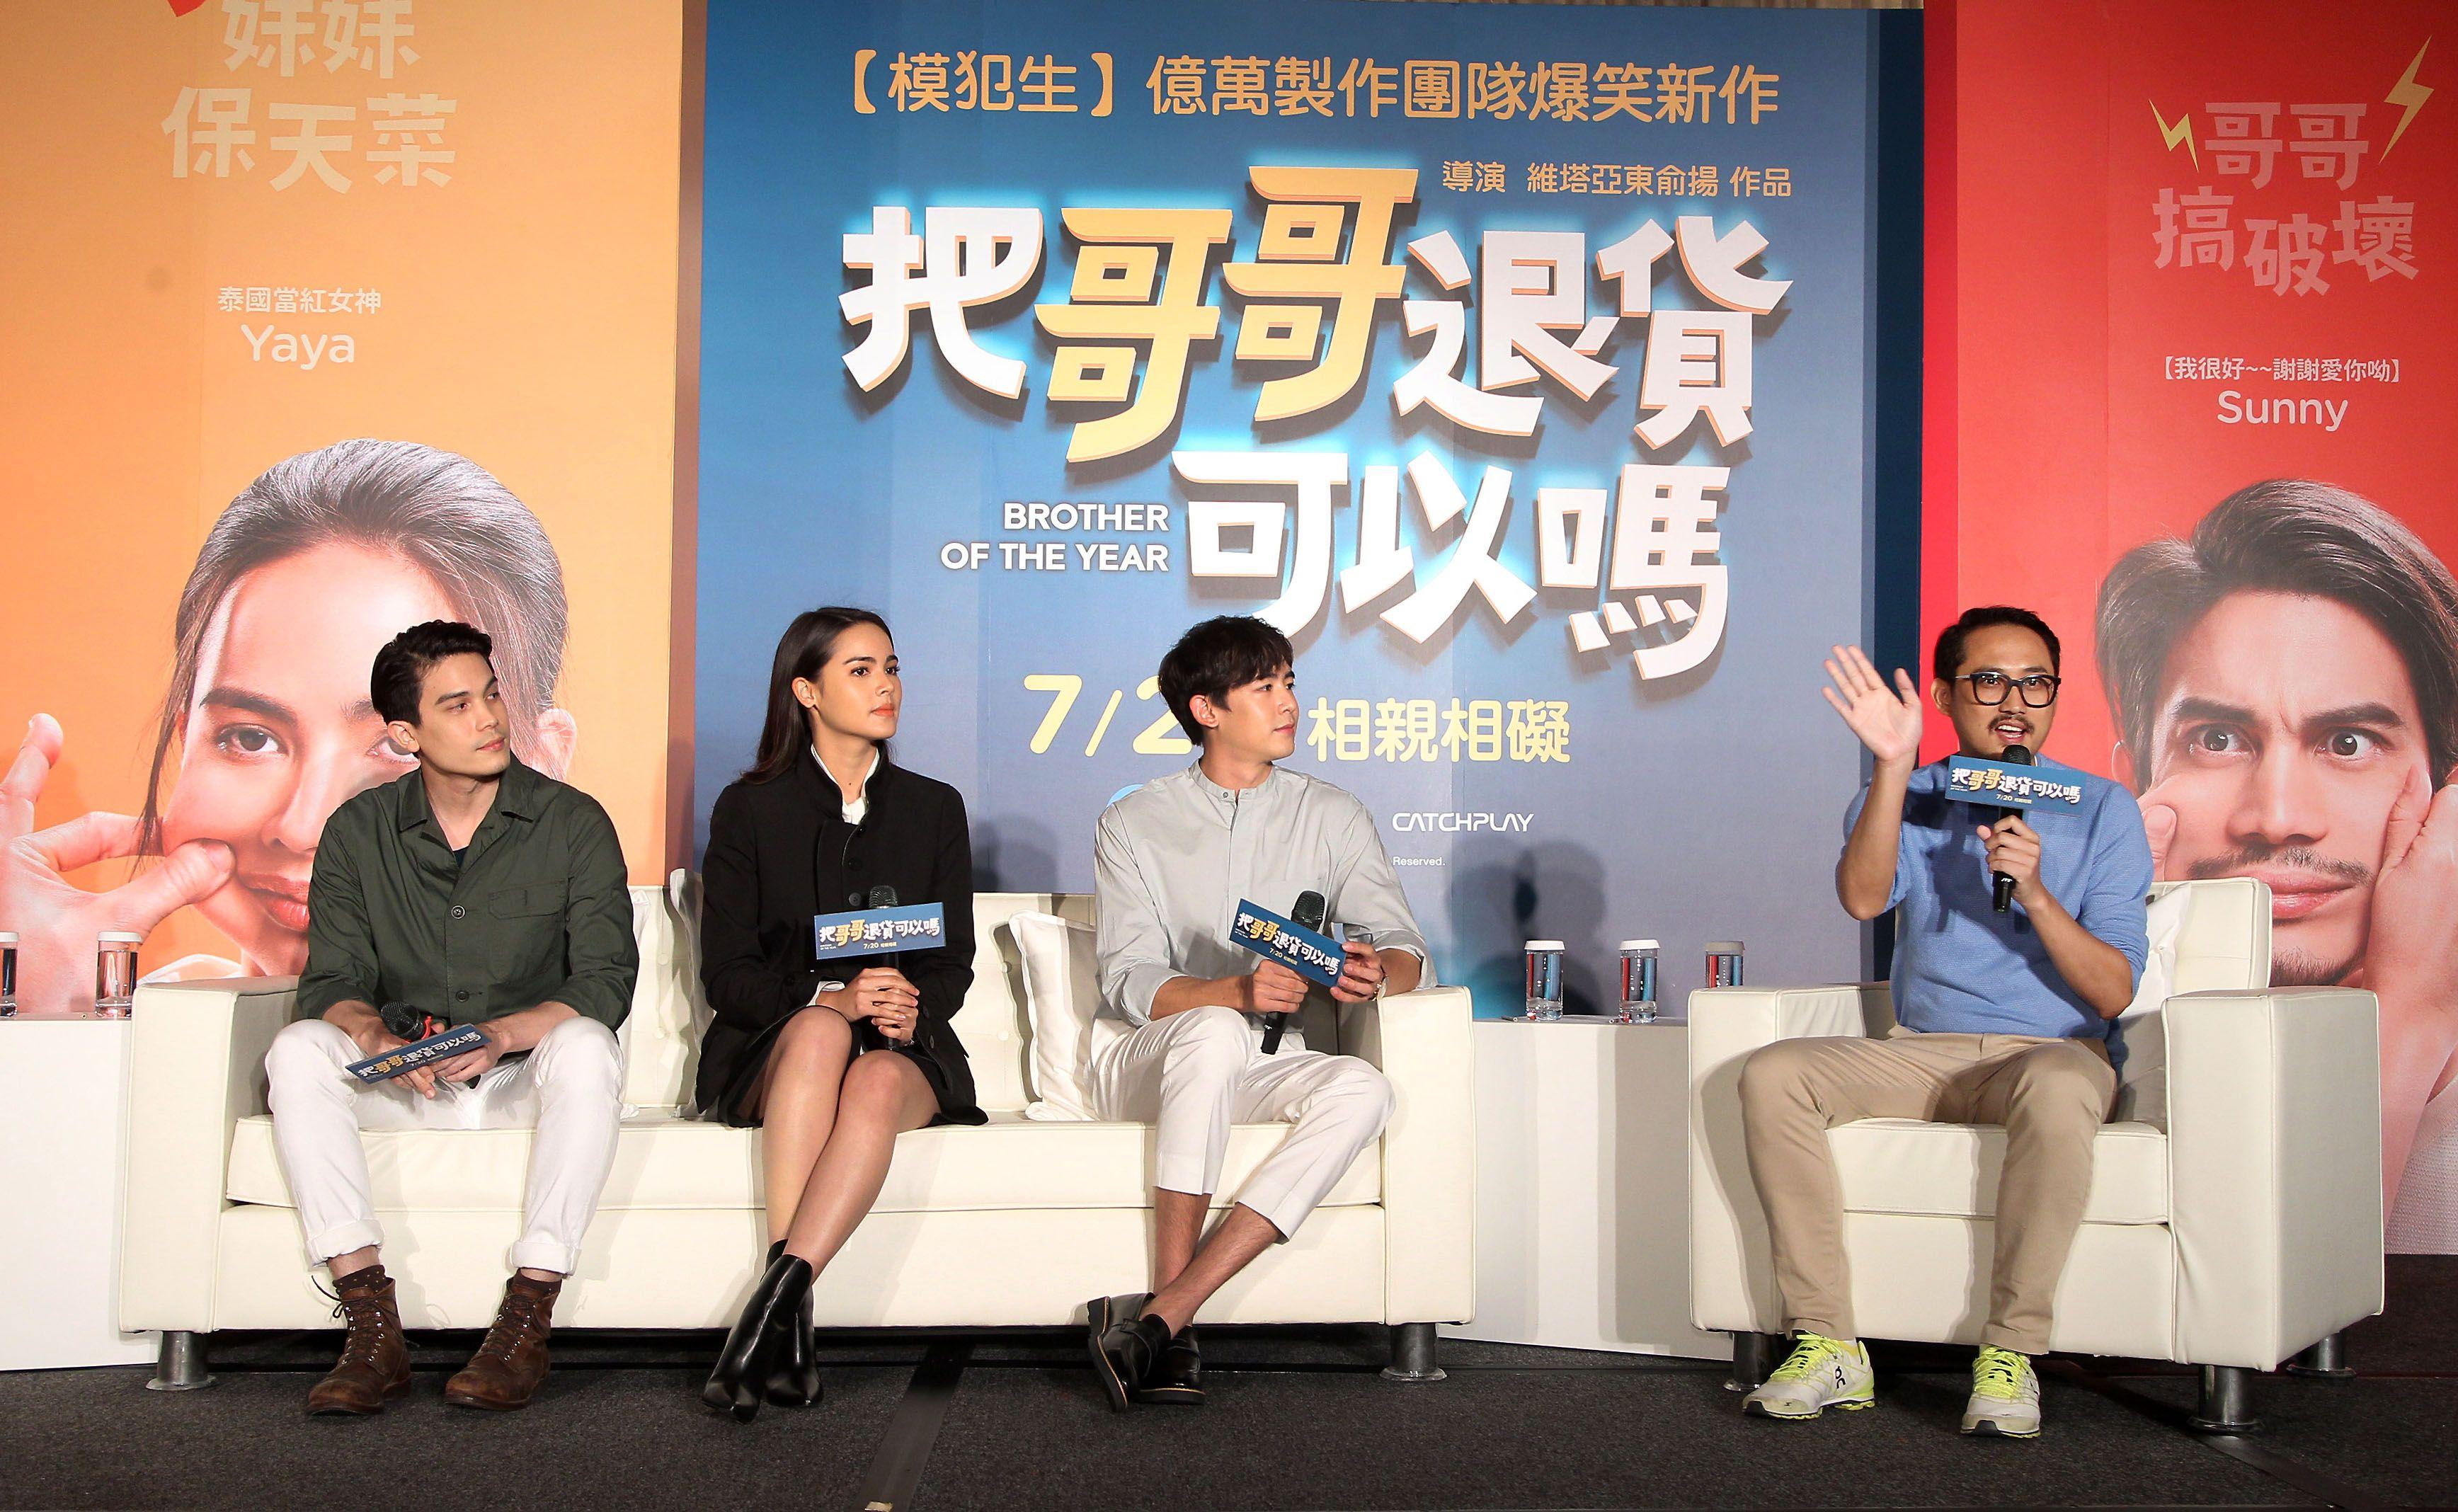 泰國電影「把哥哥退貨可以嗎」導演、男女主角Sunny、YaYa、尼坤,不畏台風抵台宣傳。(記者邱榮吉